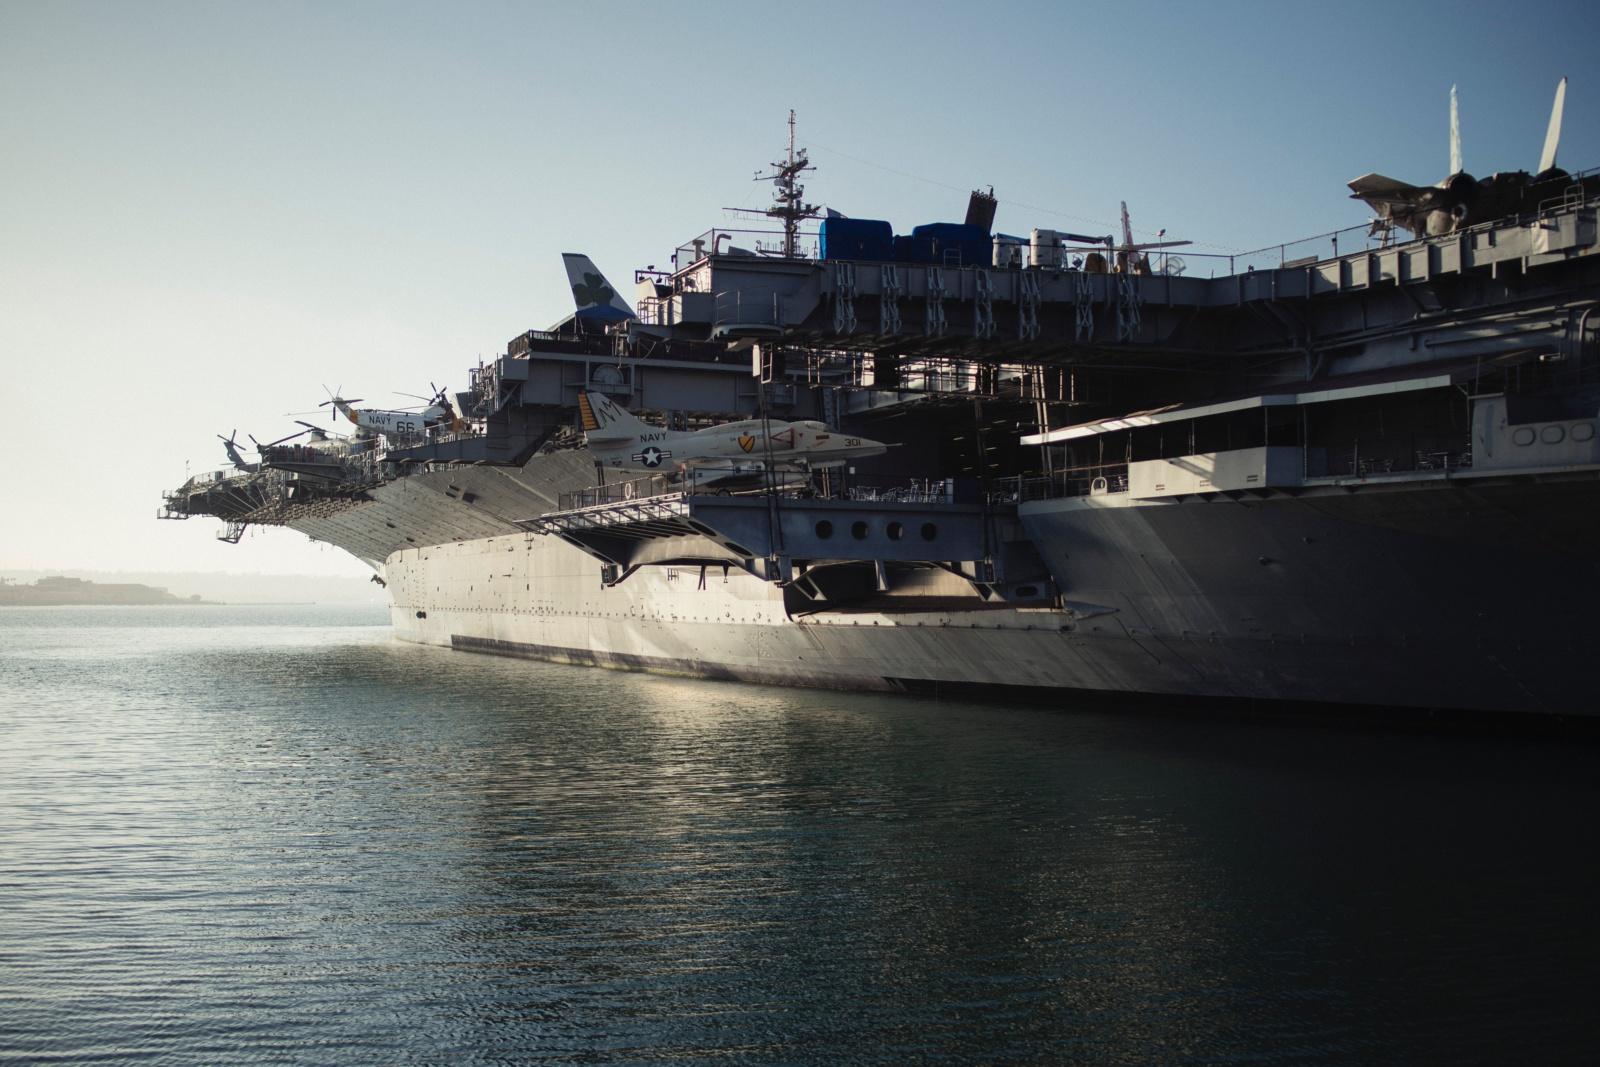 JAV laivynas neskuba priimti sprendimo dėl atleisto COVID-19 apimto lėktuvnešio kapitono